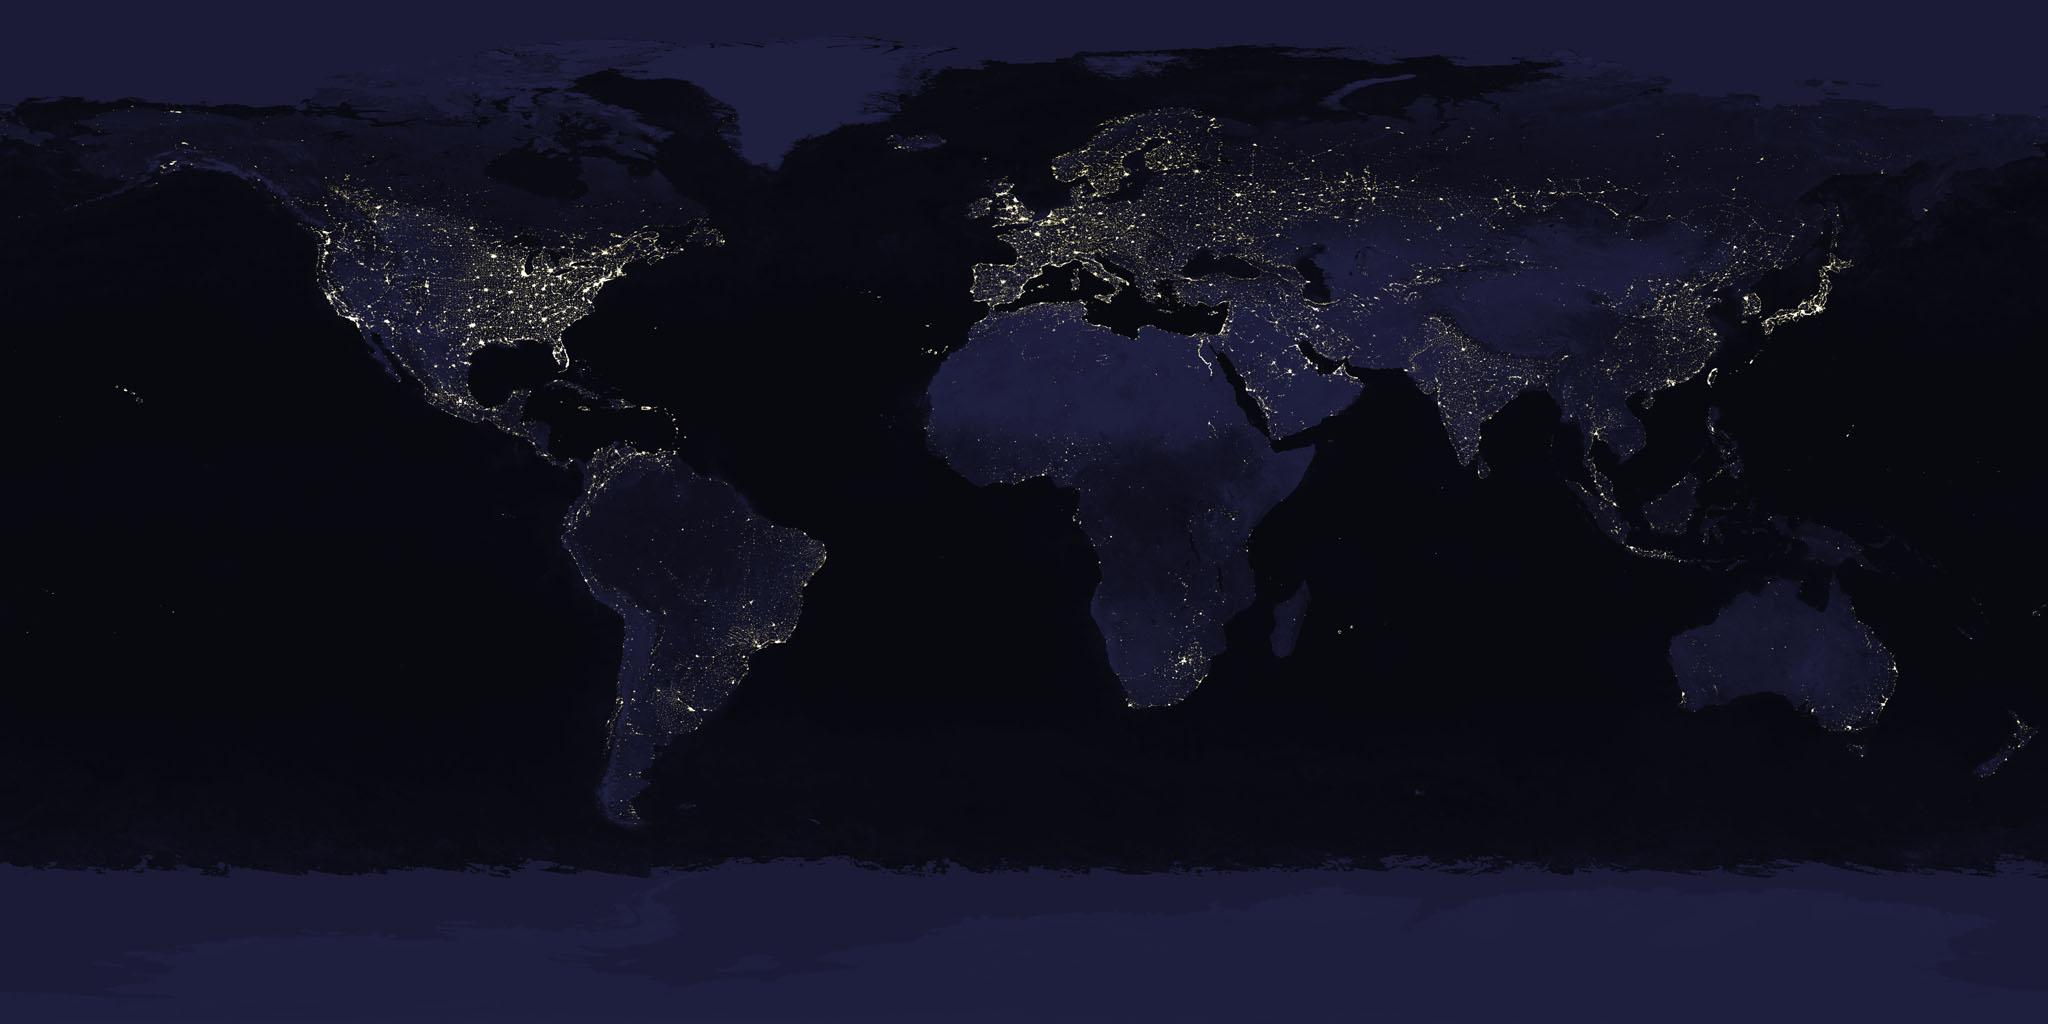 http://www.ccvalg.pt/astronomia/sistema_solar/terra/terra_noite.jpg